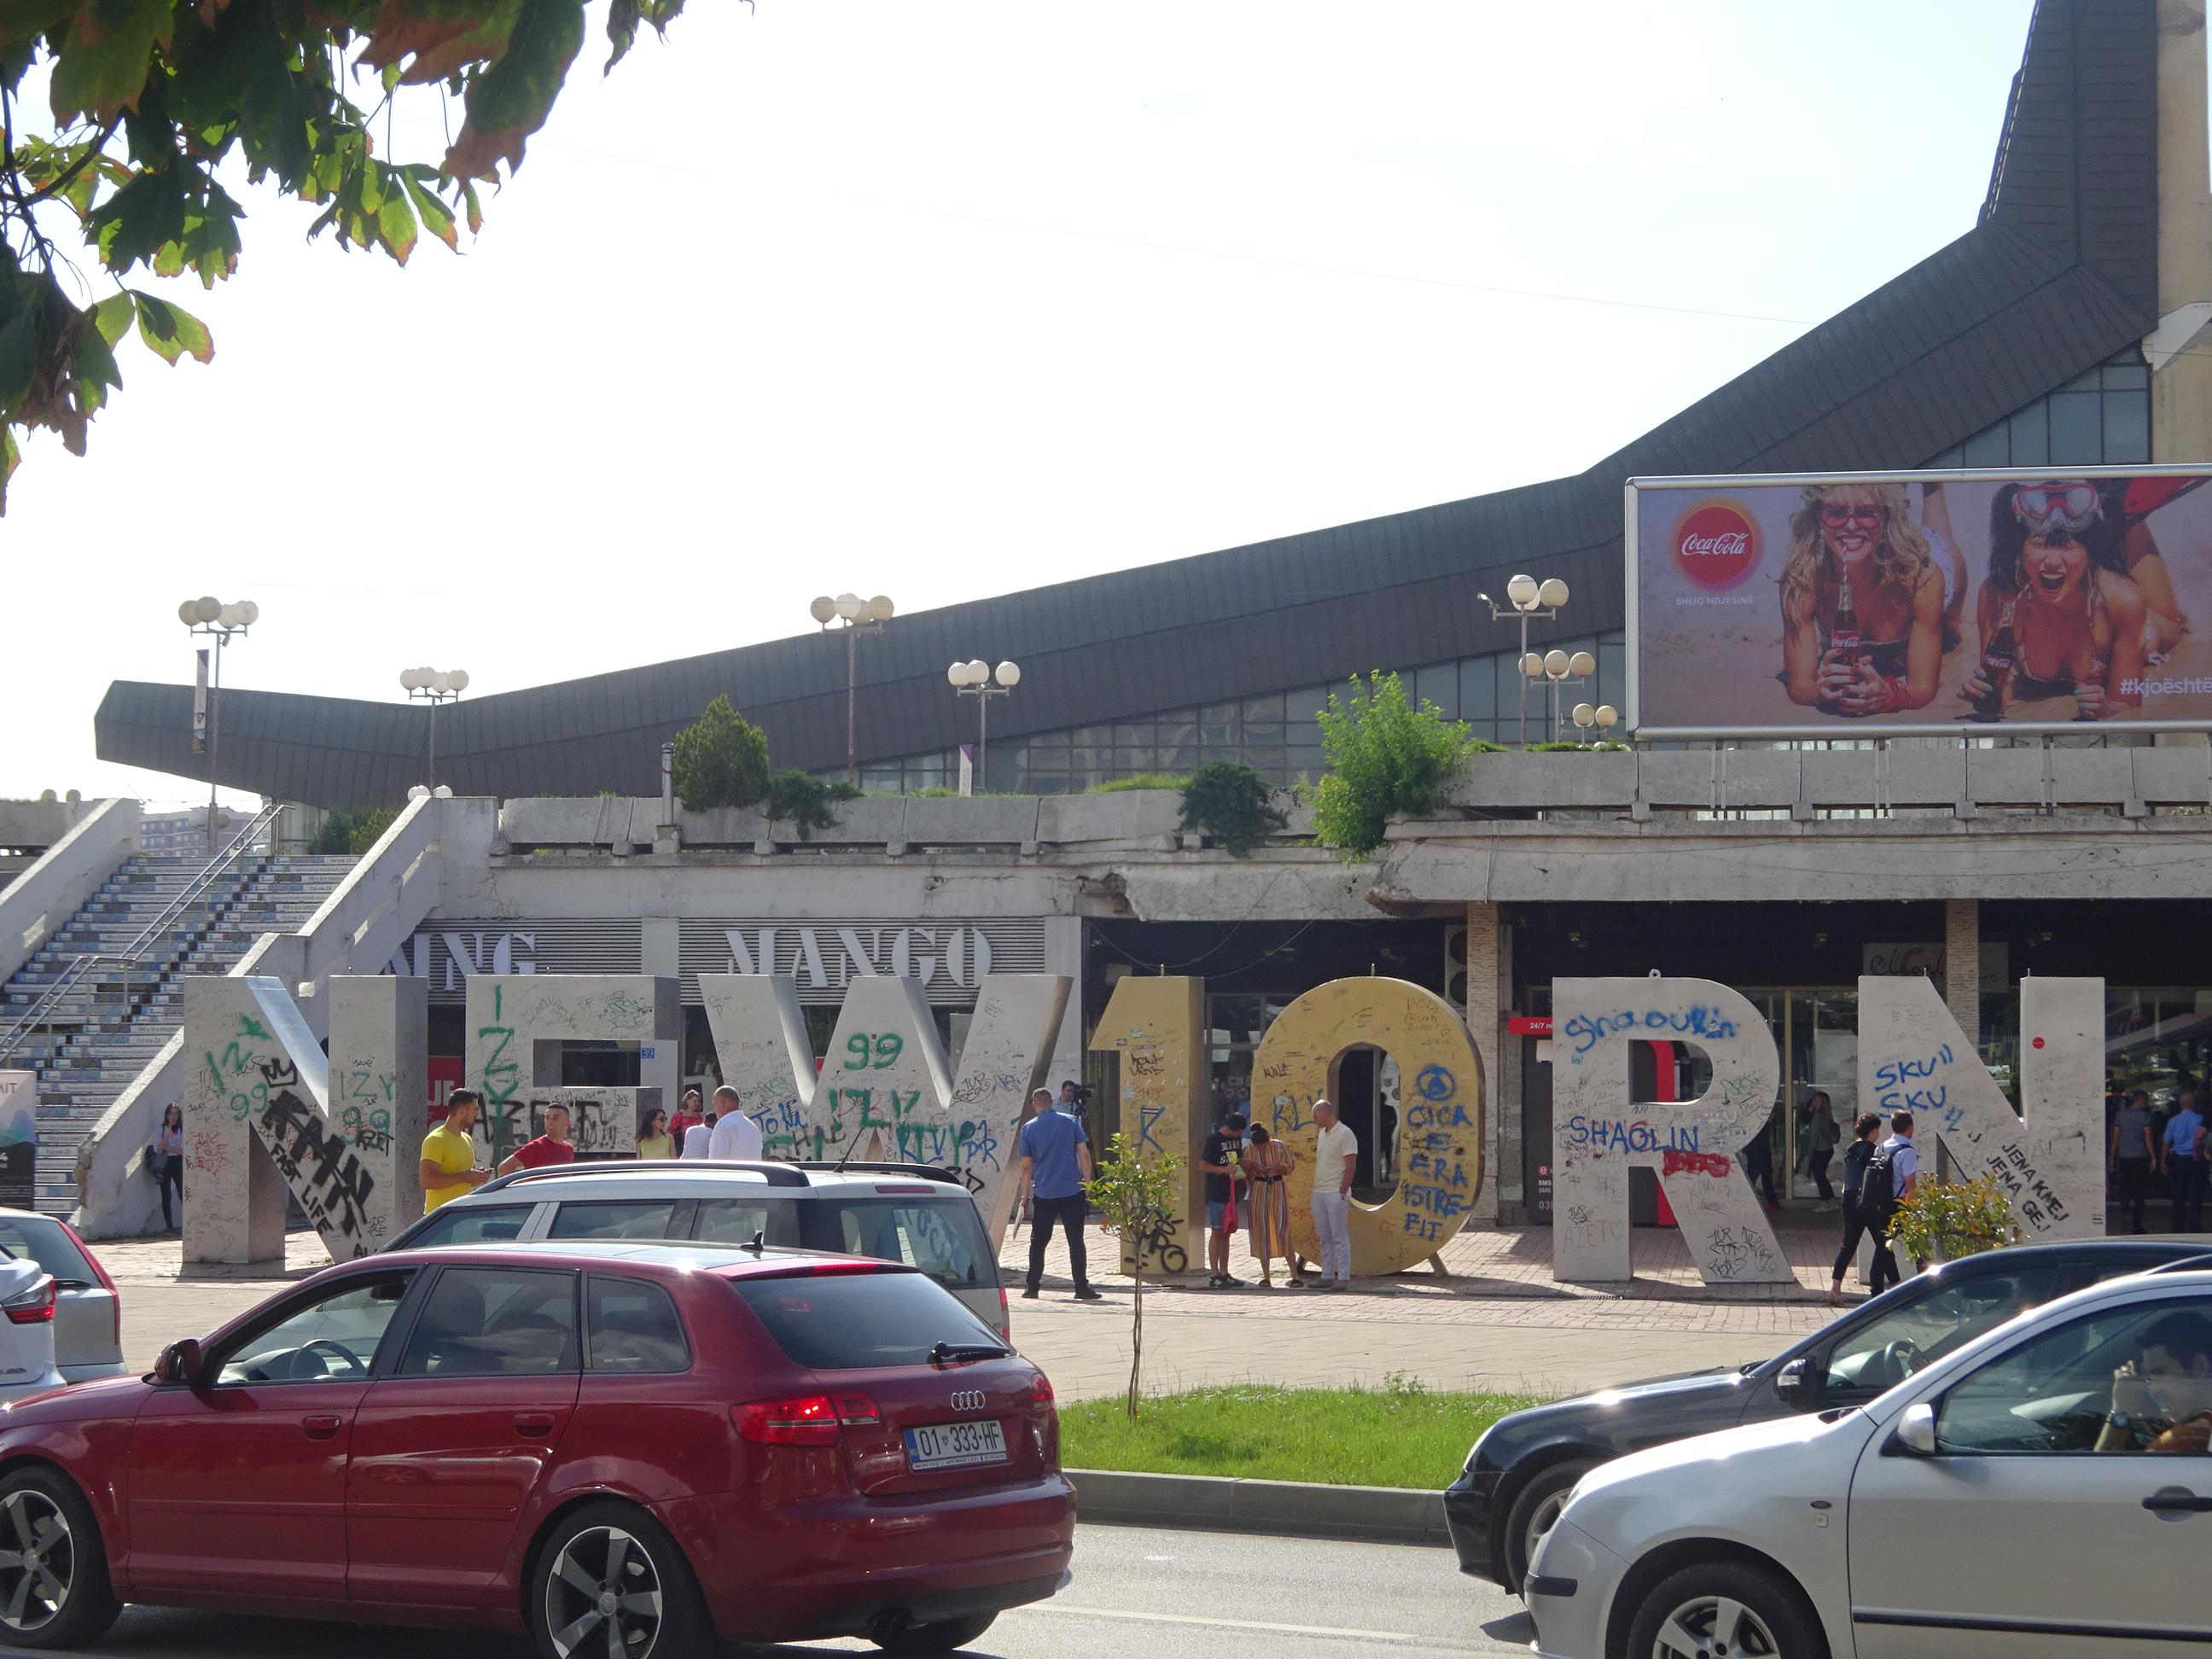 コソボの首都プリシュティナ観光スポット「ニューボーン」モニュメント